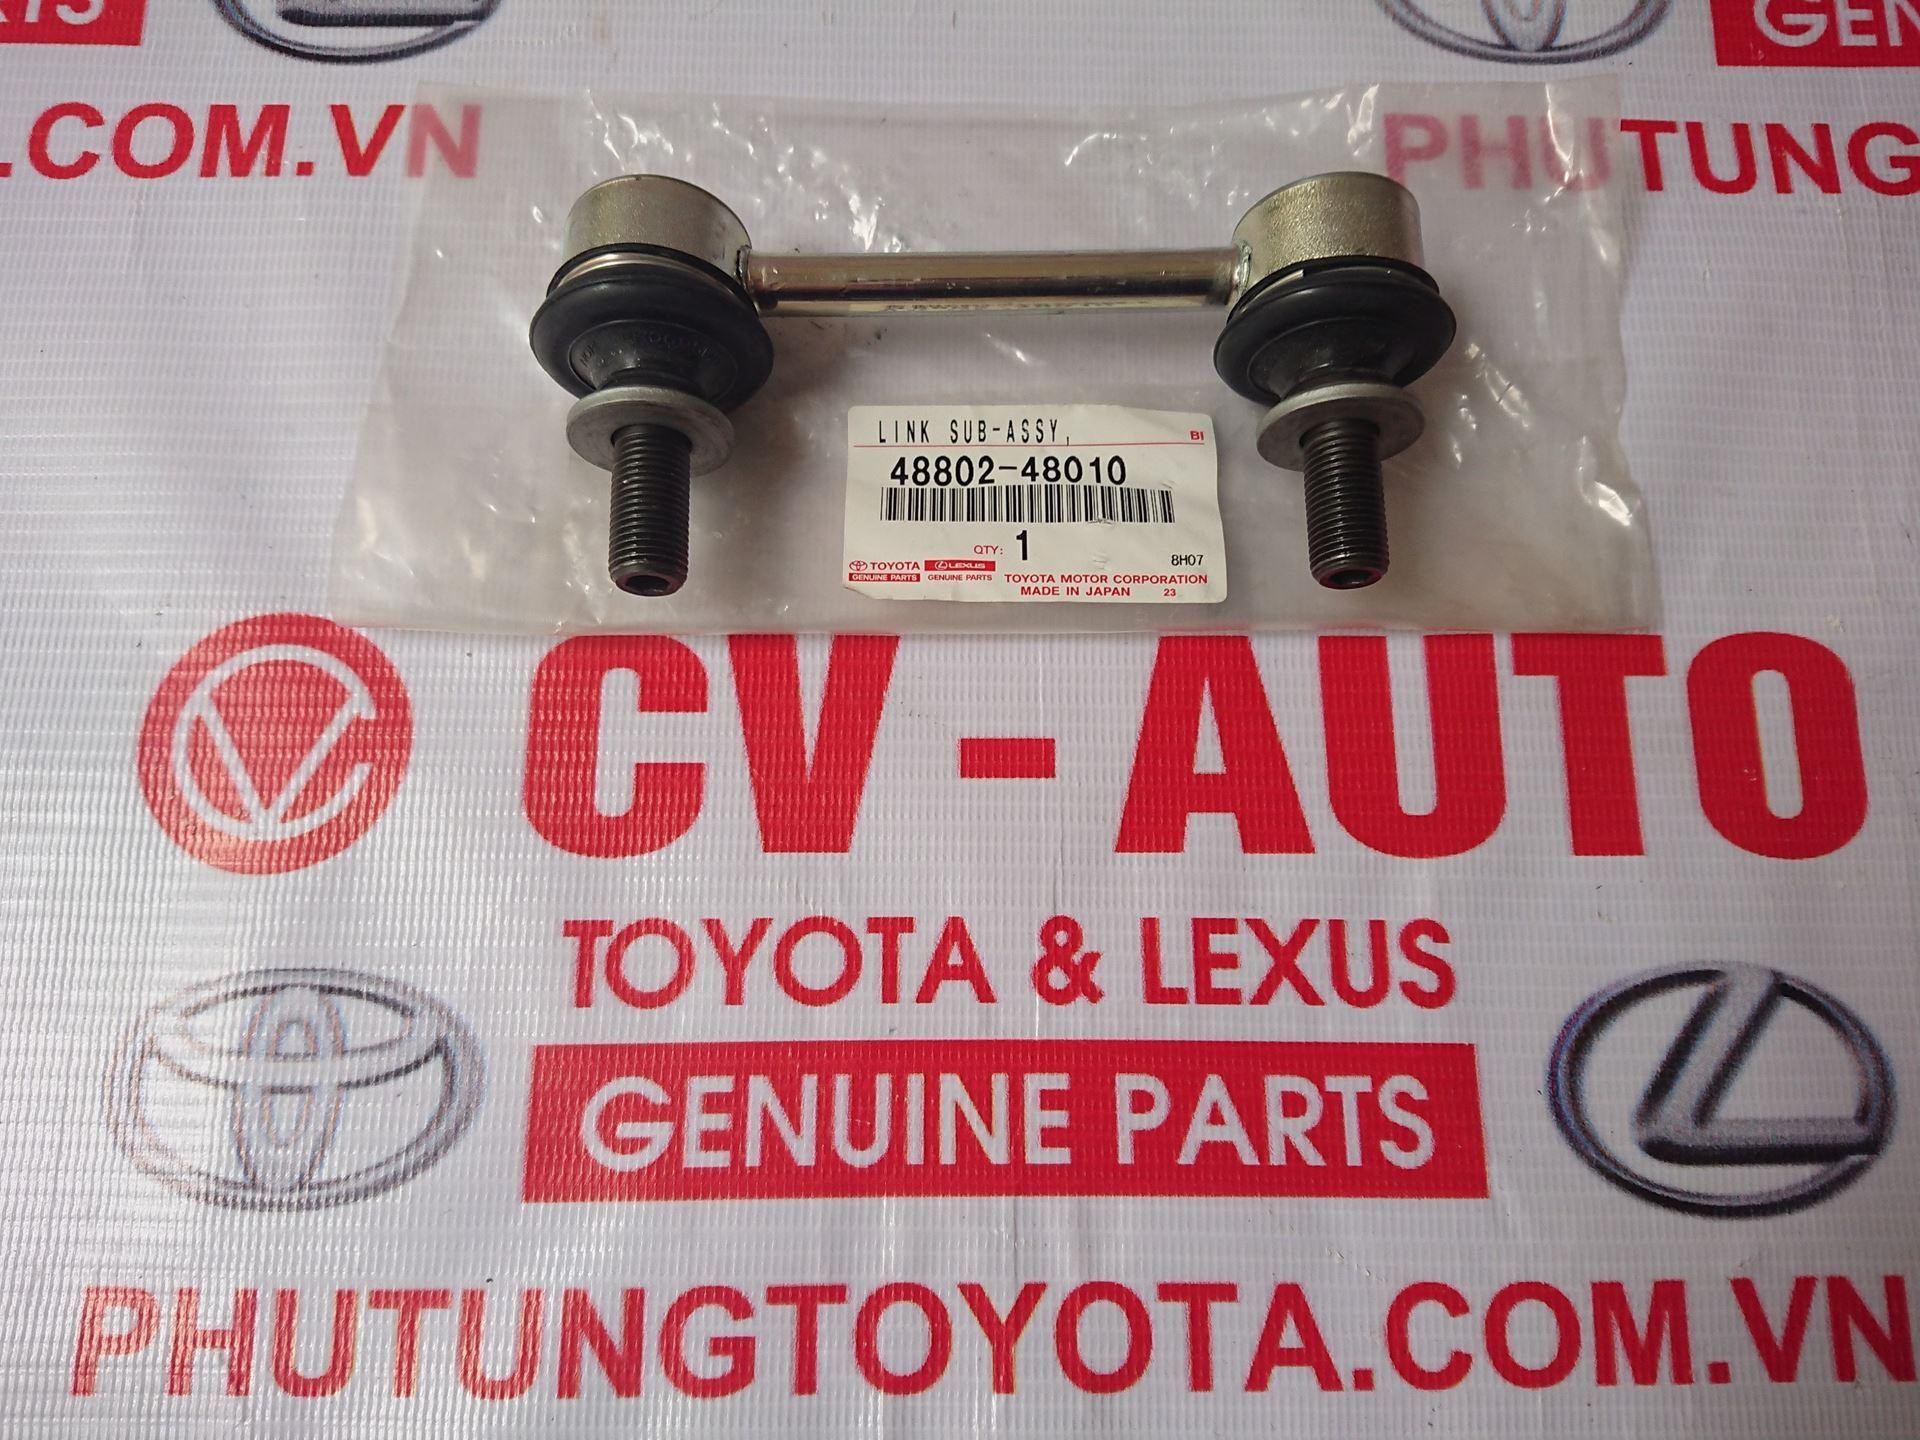 Picture of 48802-48010 Rotuyn cân bằng sau R Lexus RX350 RX450 chính hãng